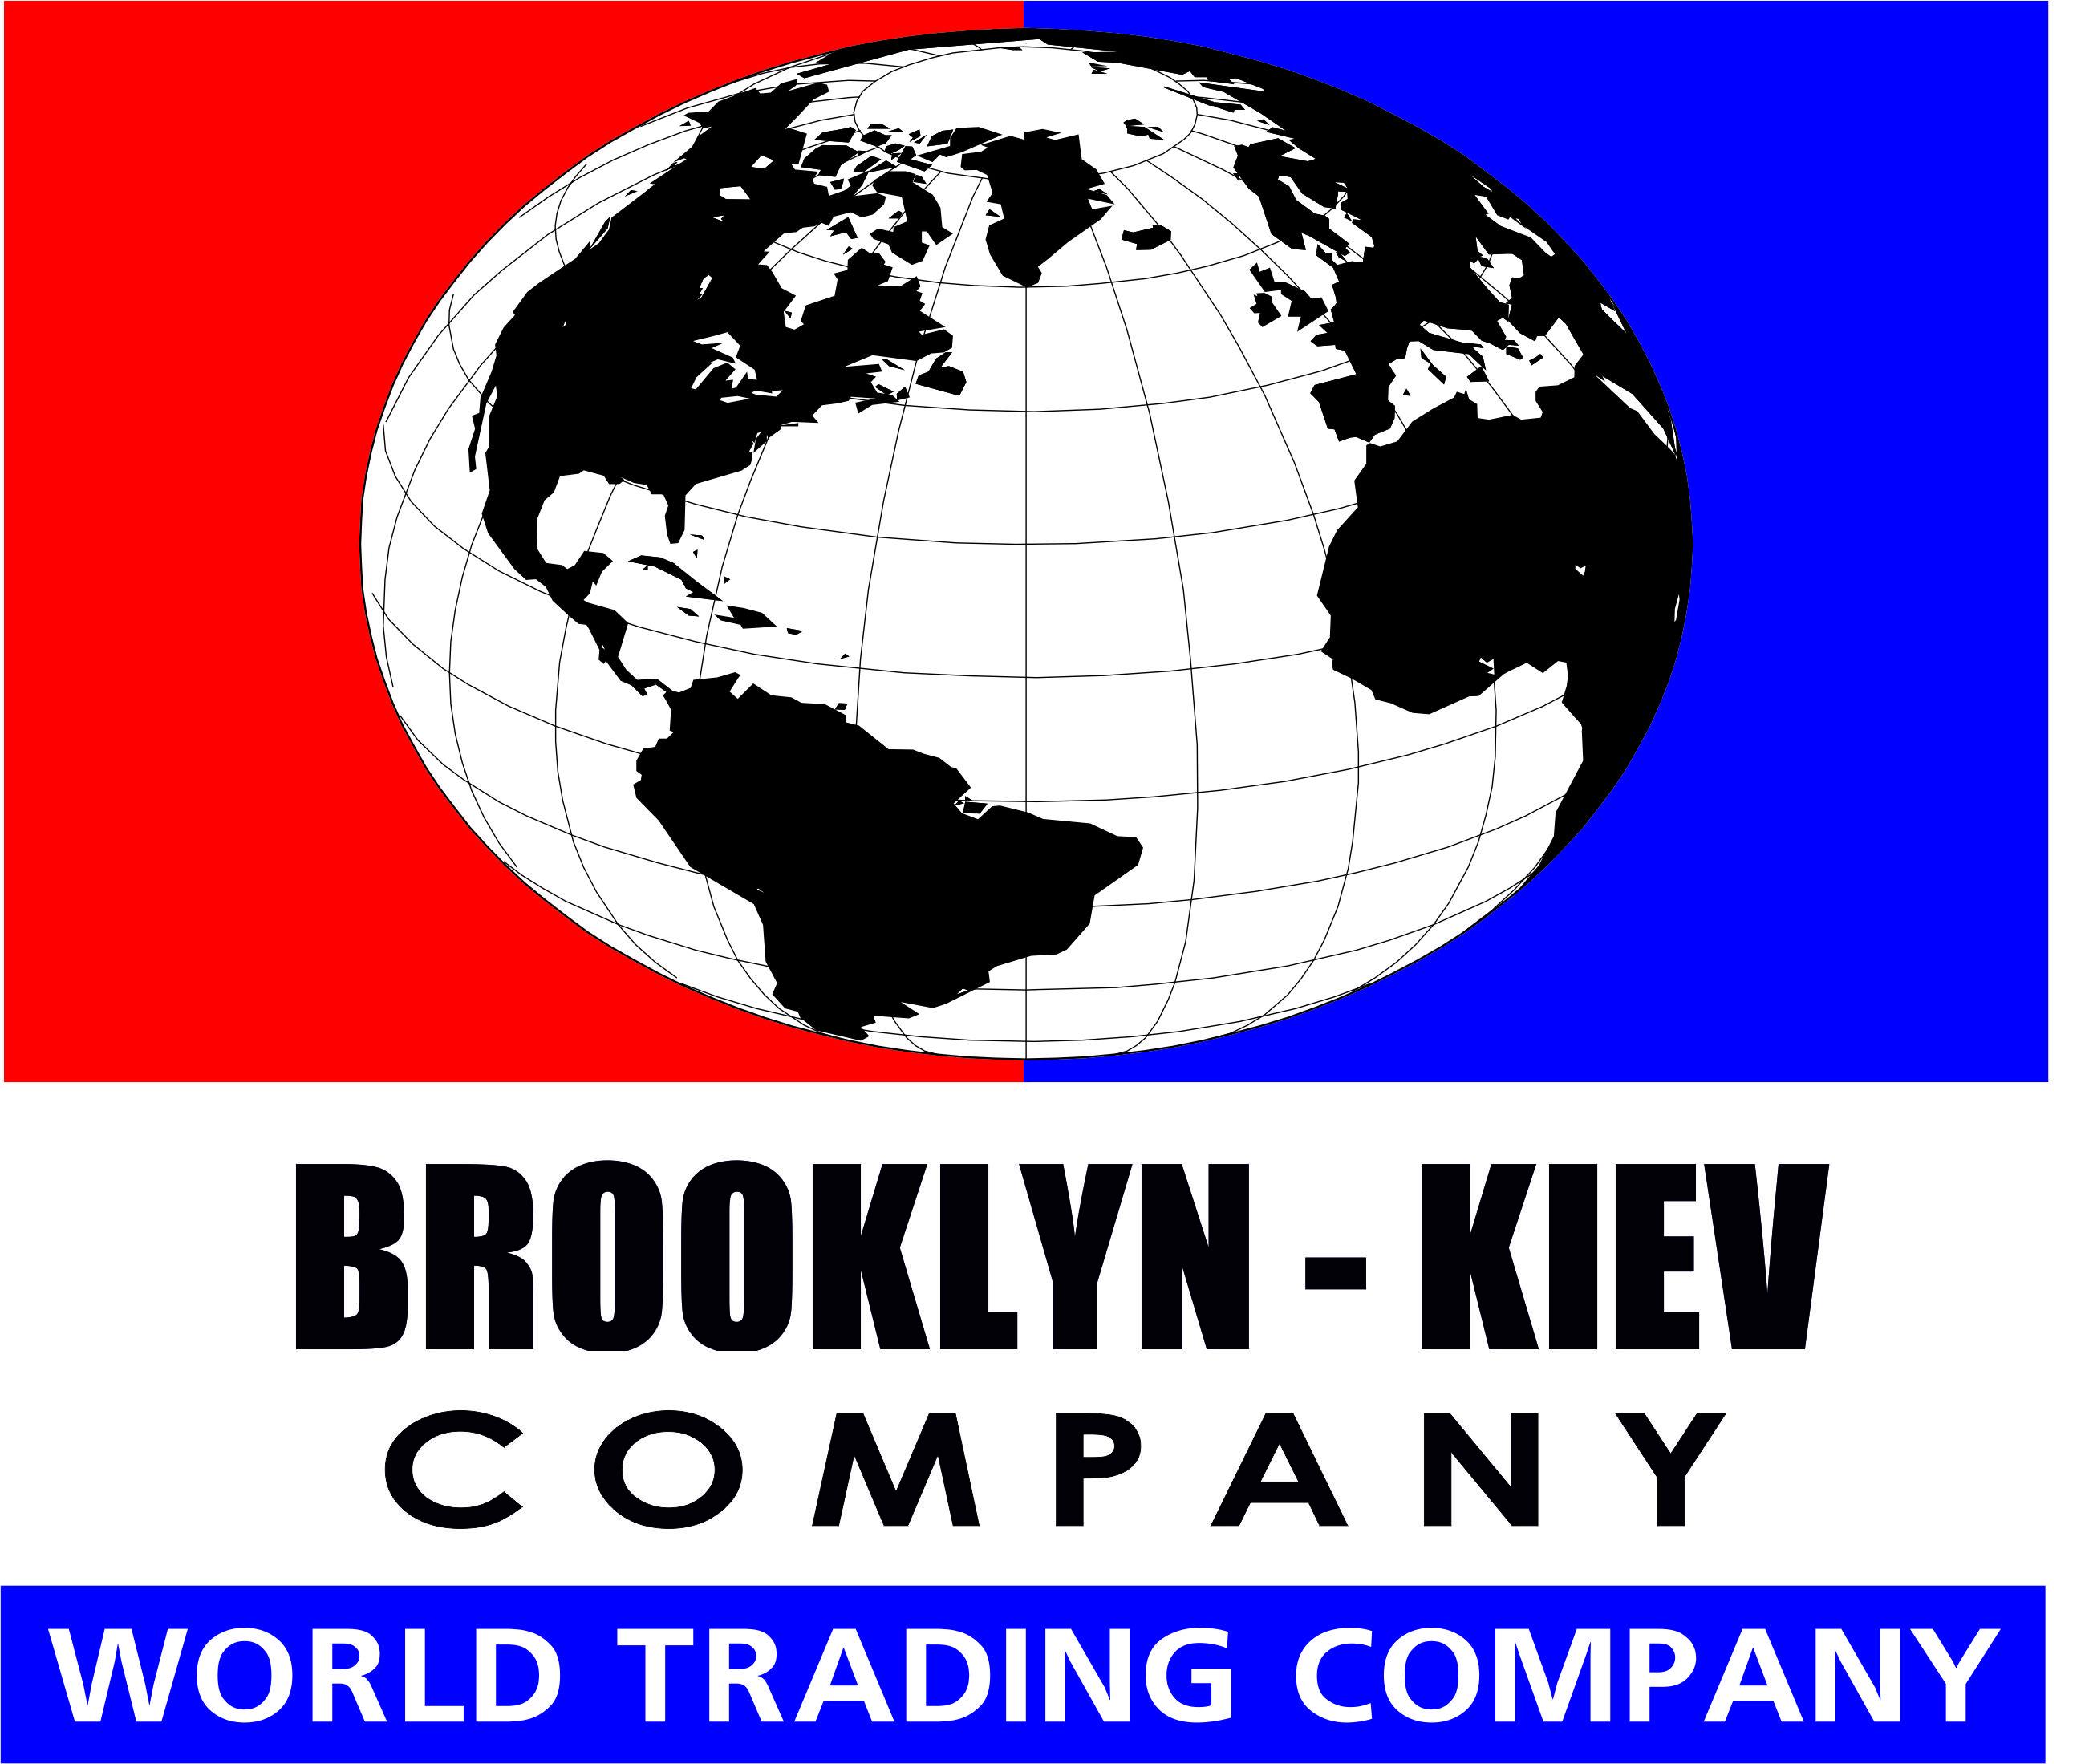 Brooklyn-Kiyv Company